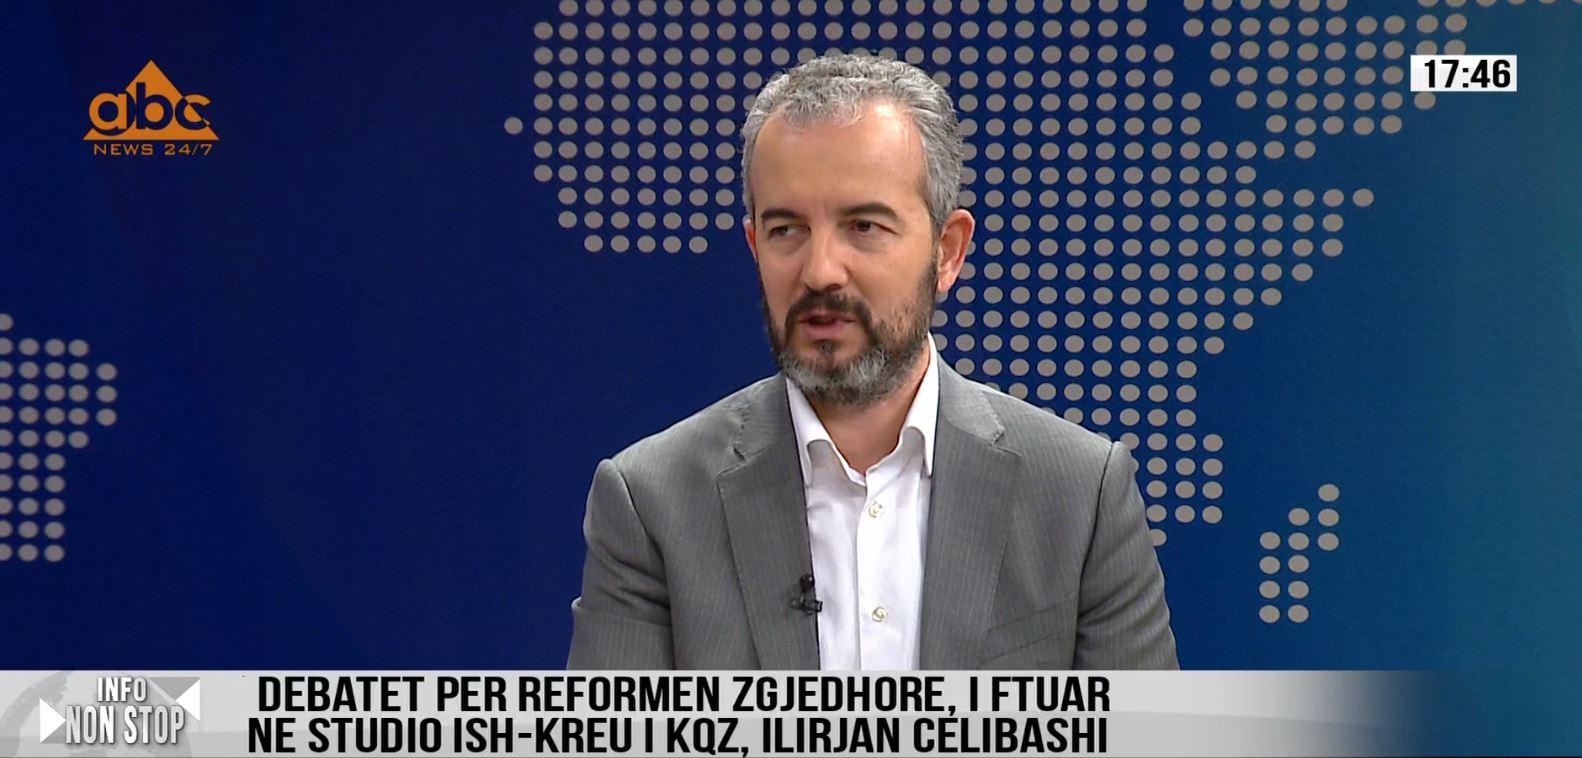 Cili sistem zgjedhor i përshtatet më mirë kushteve shqiptare, përgjigjet ish-kreu i KQZ Ilirjan Celibashi